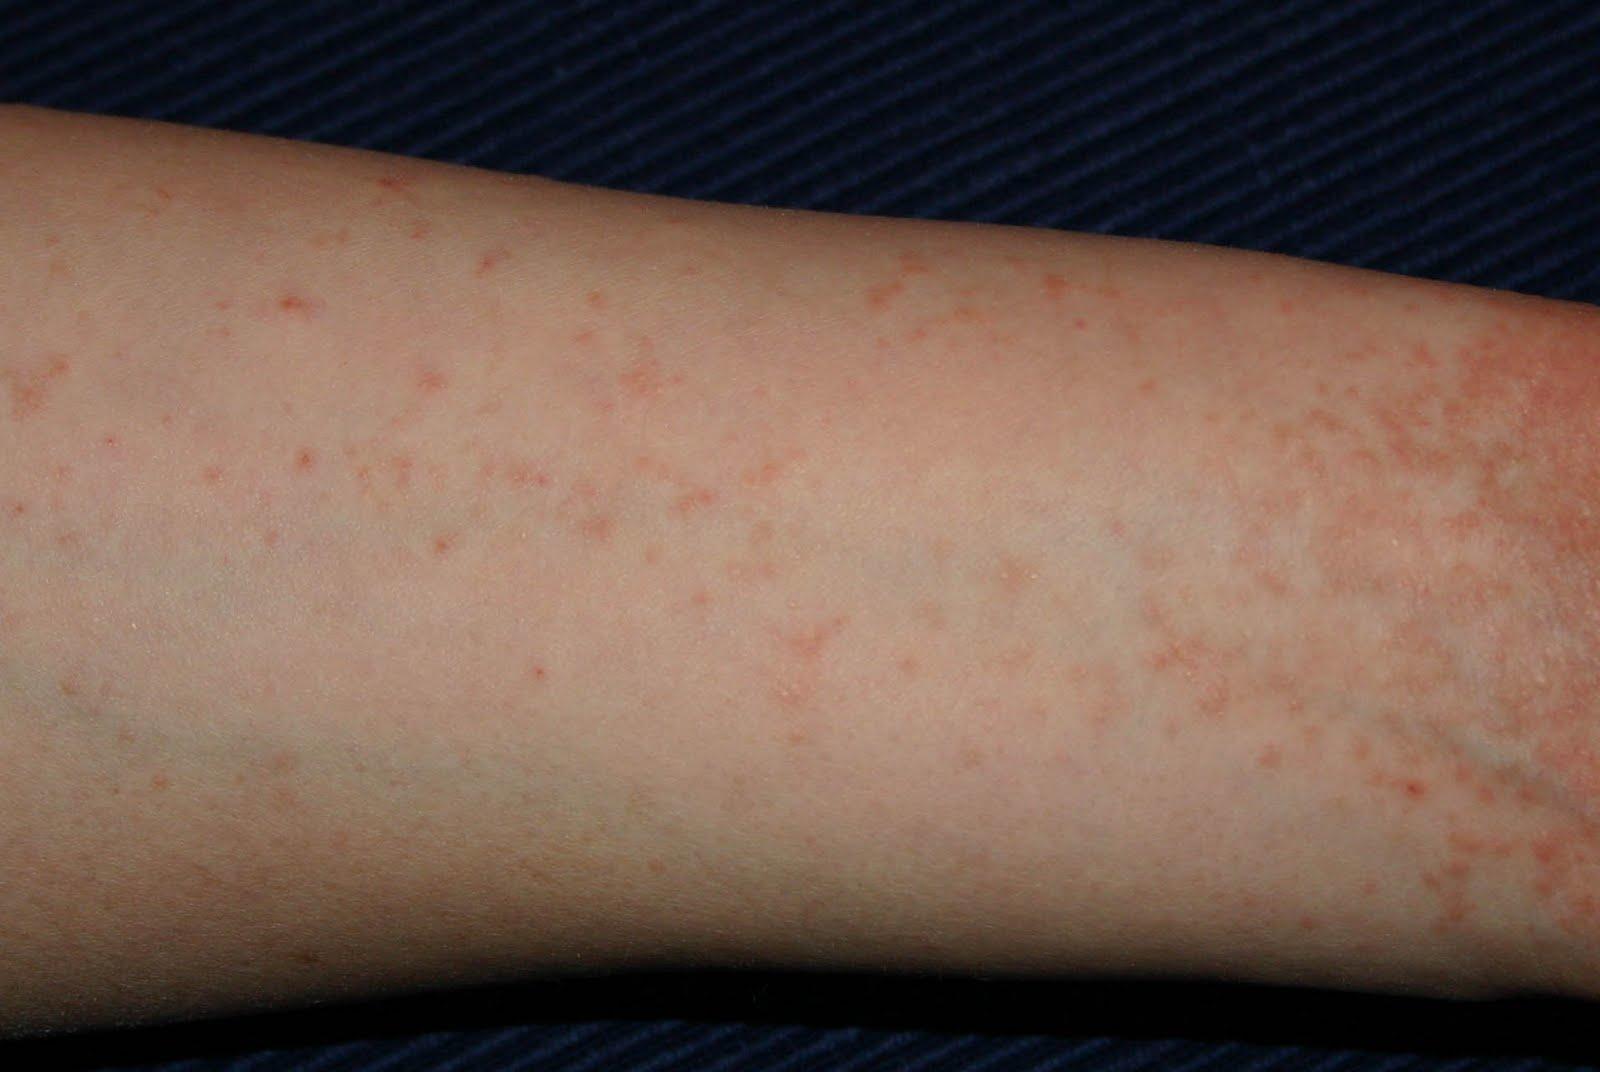 mustárolaj pikkelysömör kezelése vörös foltok mentek végig az egész testen